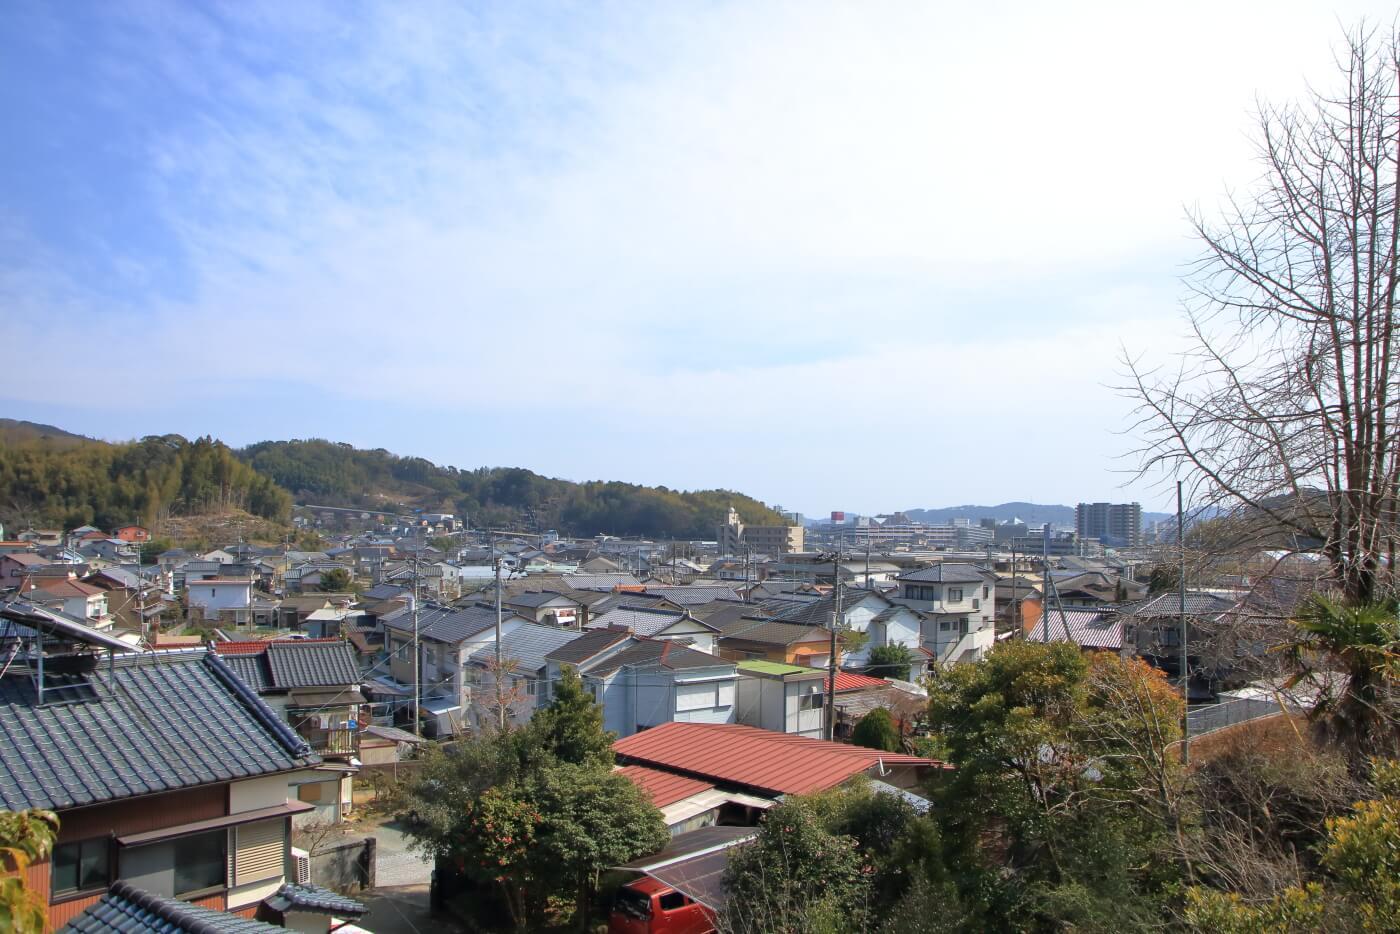 MIO CAFE が佇む丘から見える高知市の景色